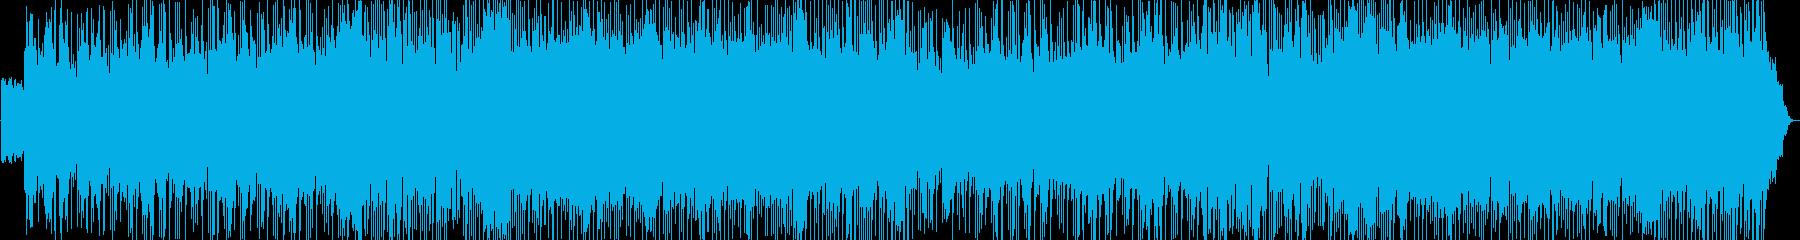 オールドROCKテイスト荒野が似合う曲の再生済みの波形